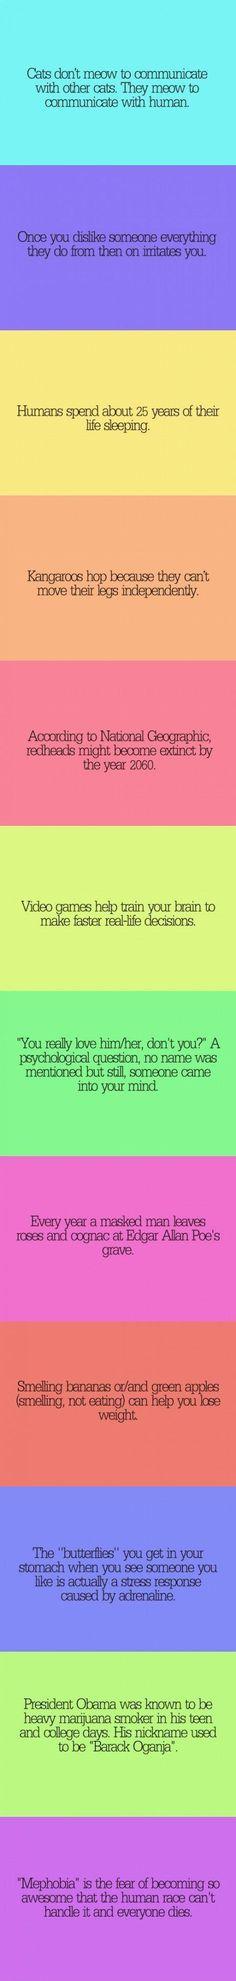 Weird and random facts